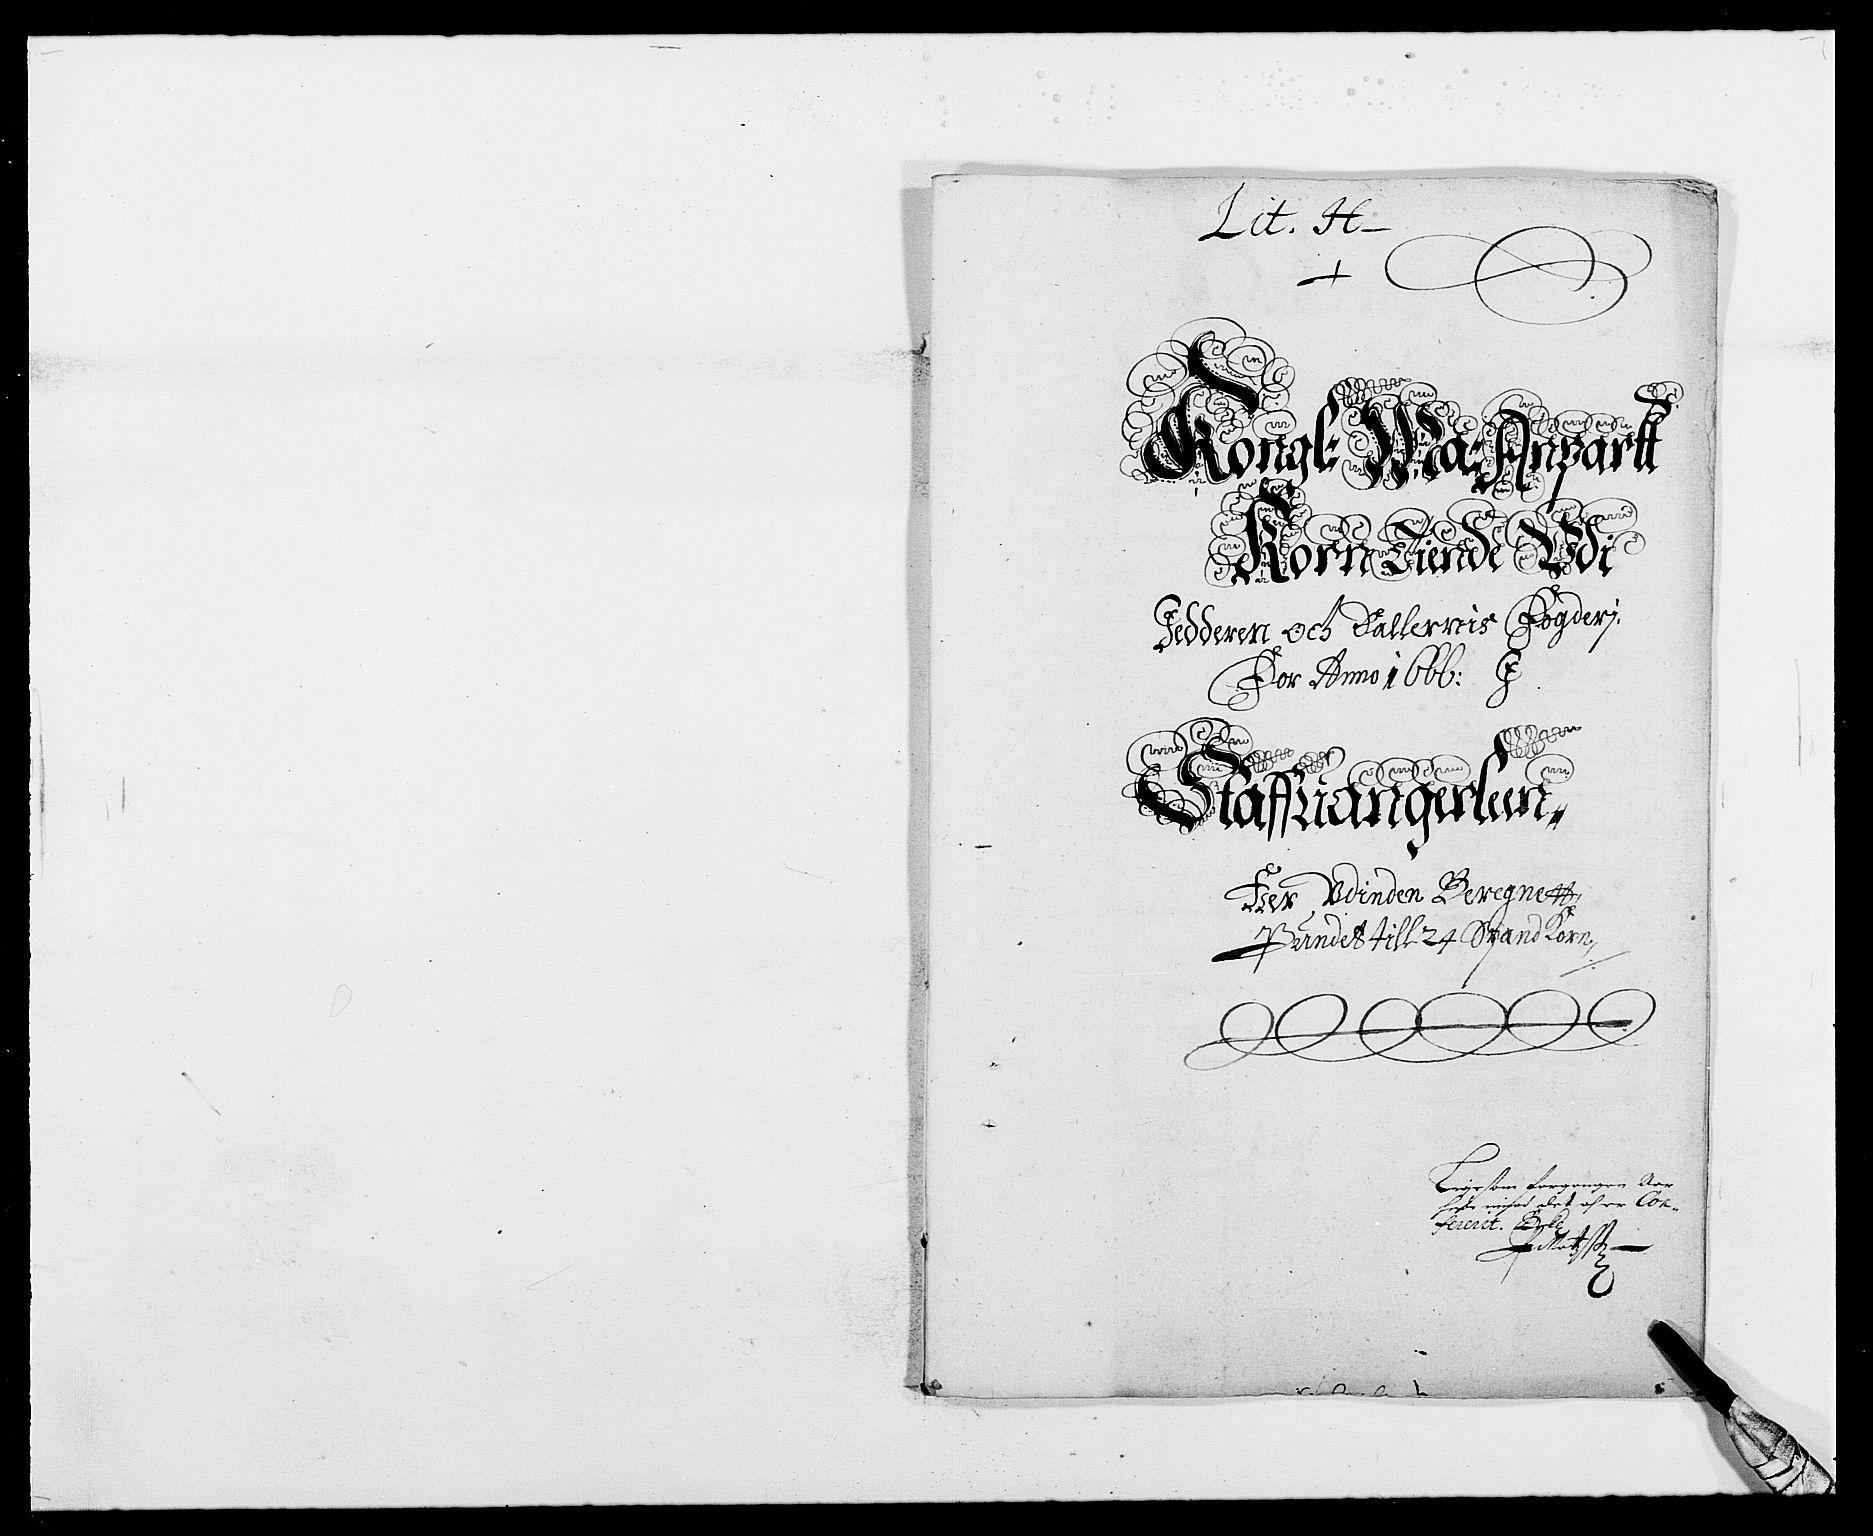 RA, Rentekammeret inntil 1814, Reviderte regnskaper, Fogderegnskap, R46/L2709: Fogderegnskap Jæren og Dalane, 1665-1667, s. 235